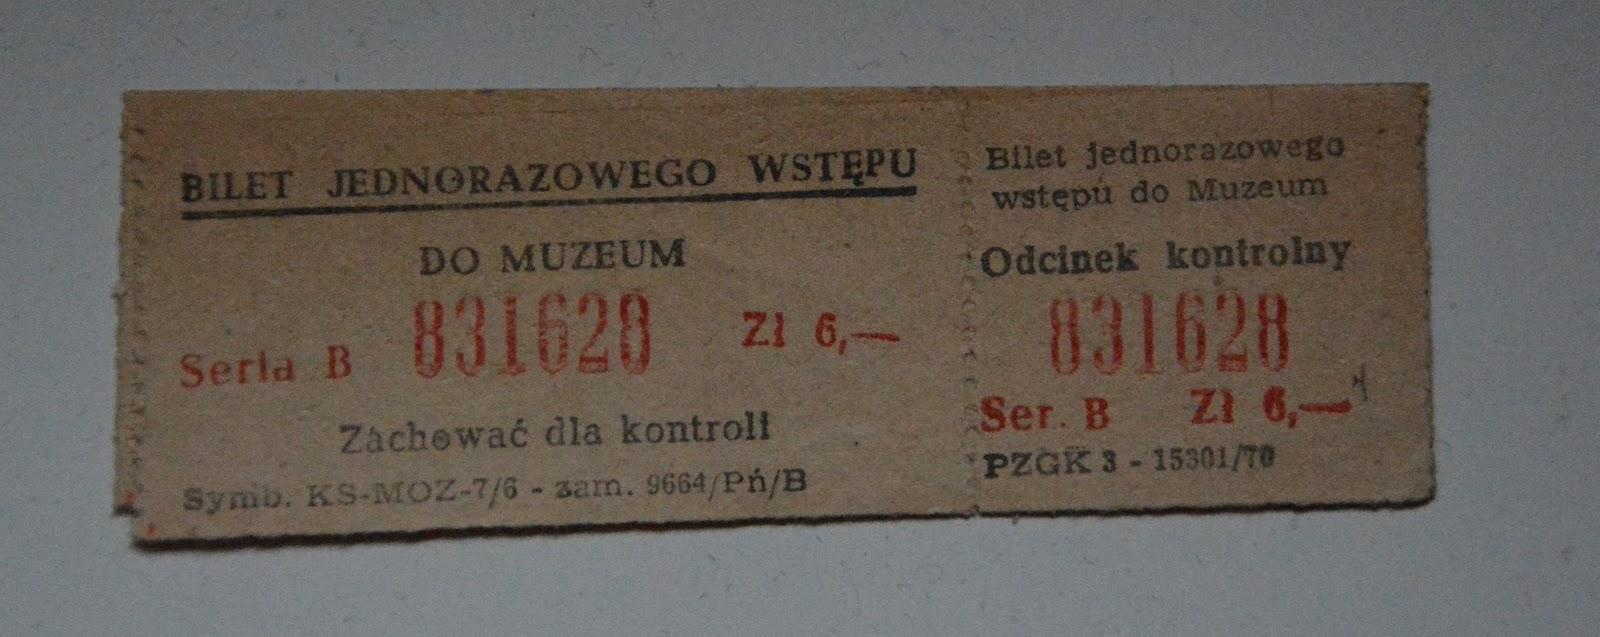 skansen w Sanoku, stary bilet wstępu